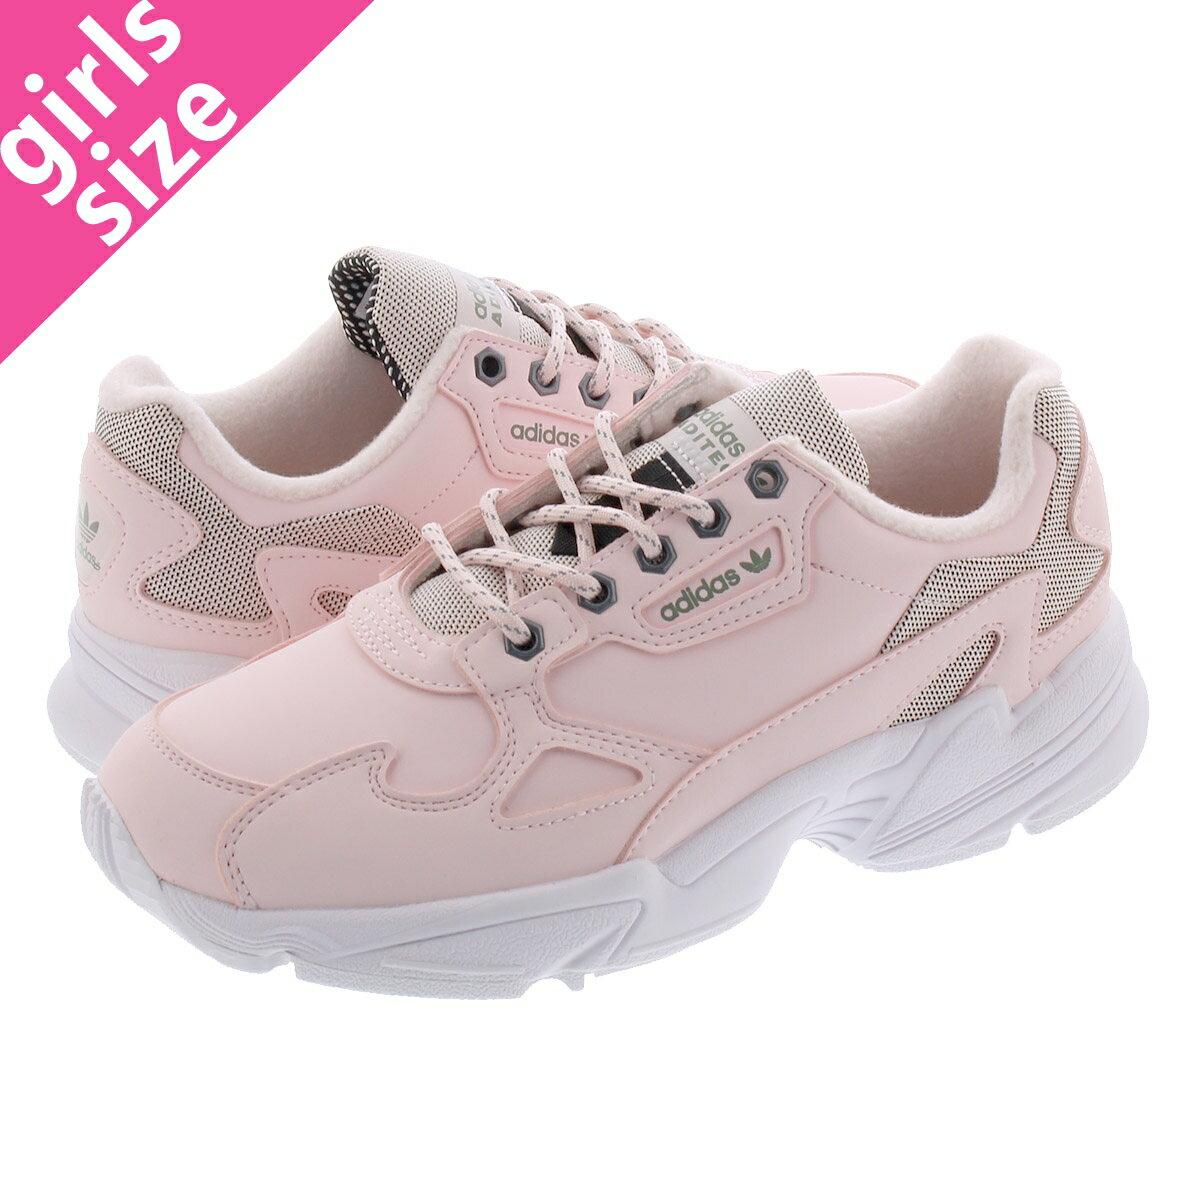 レディース靴, スニーカー  adidas ADIDASFALCON W HALO PINKHALO PINKTRACE GREEN fv4660